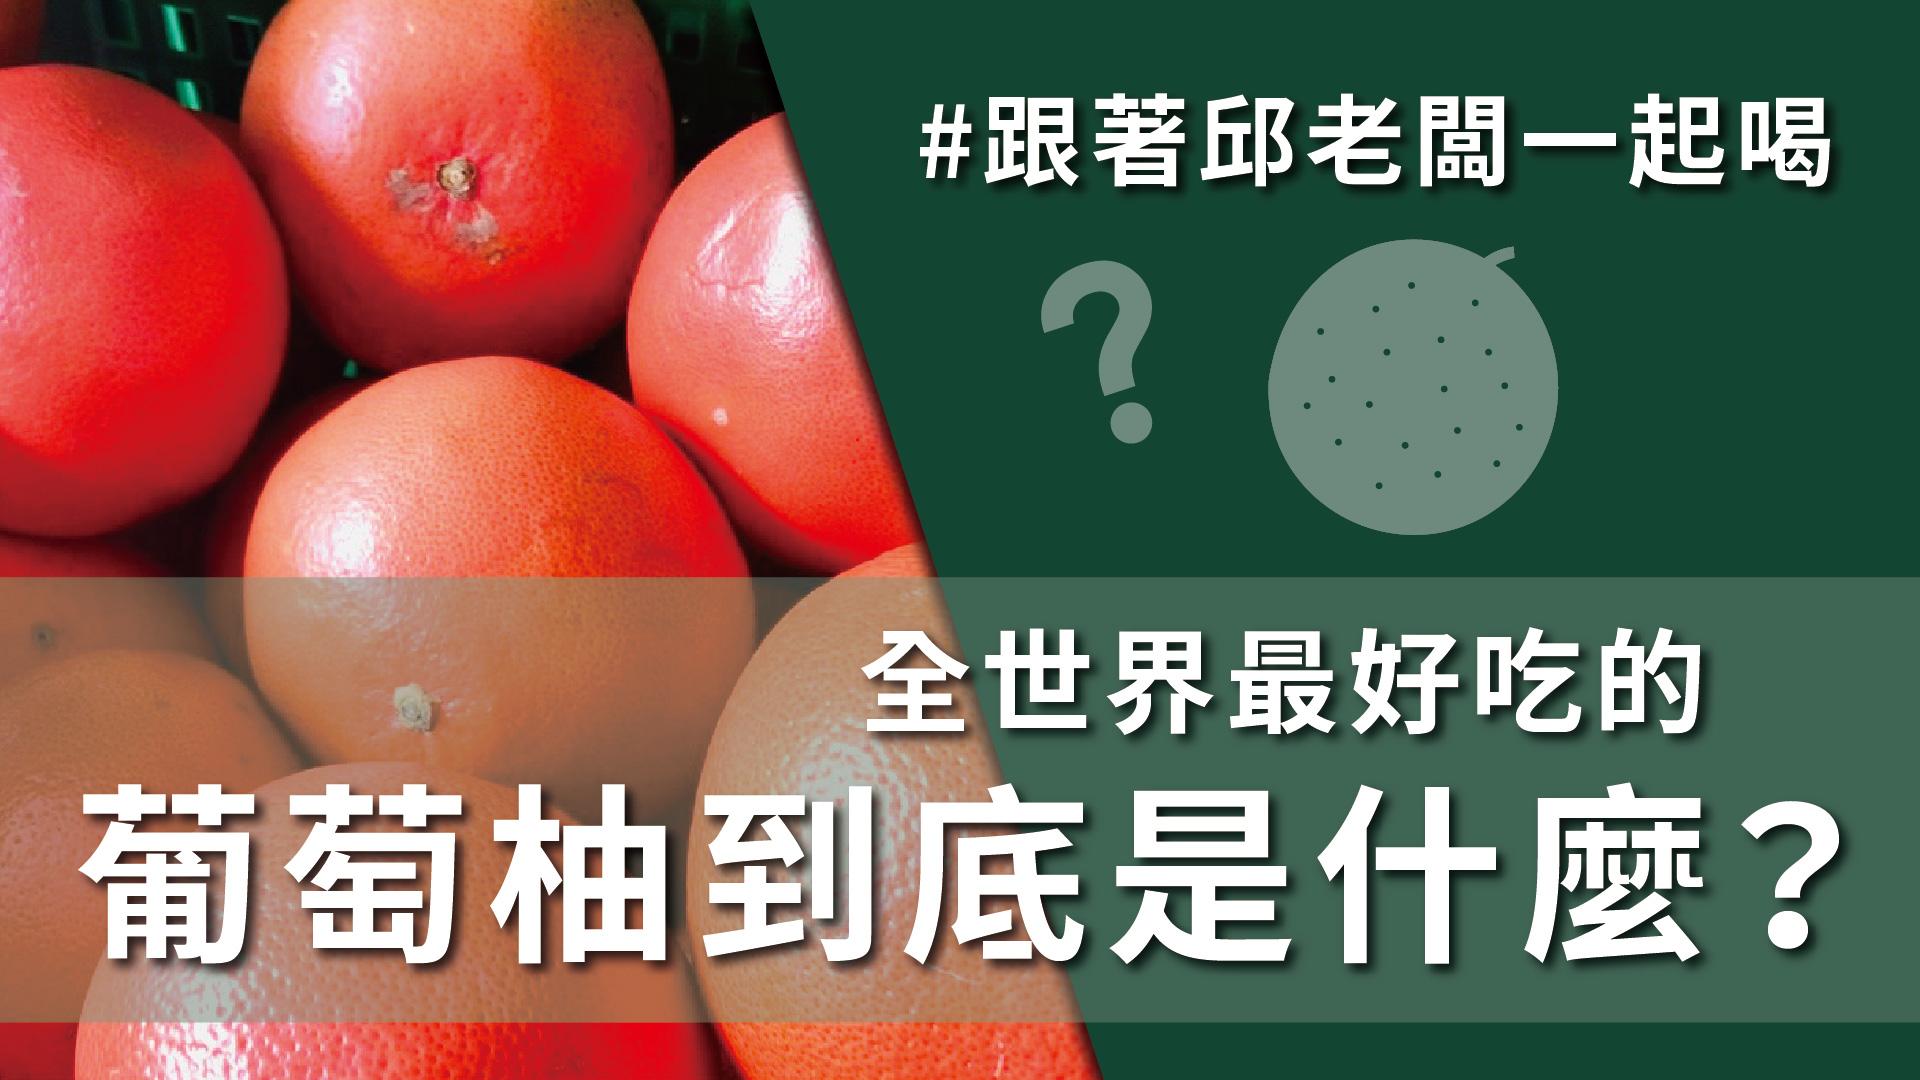 品嘗鮮搾葡萄柚綠的清爽,只在大苑子才喝的到 !#2月24日 #DAY164